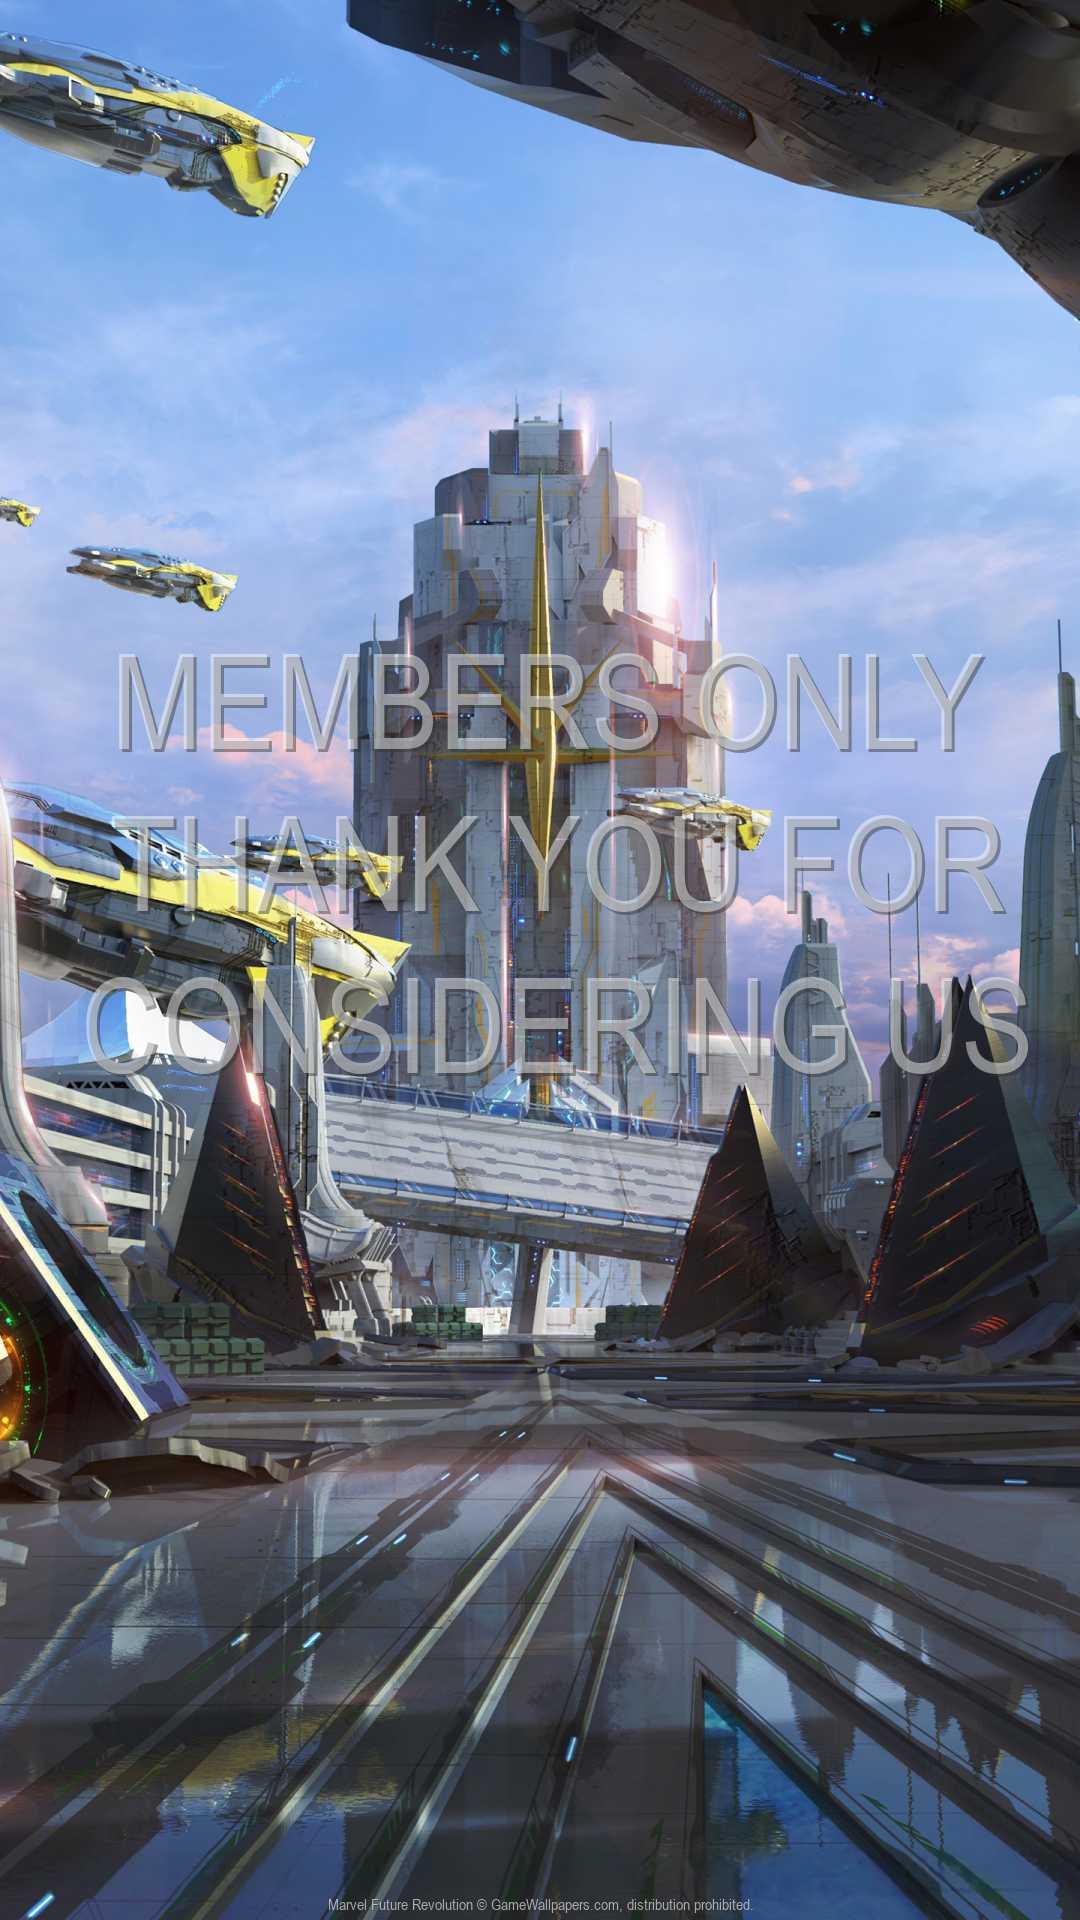 Marvel Future Revolution 1080p Vertical Mobile fond d'écran 01